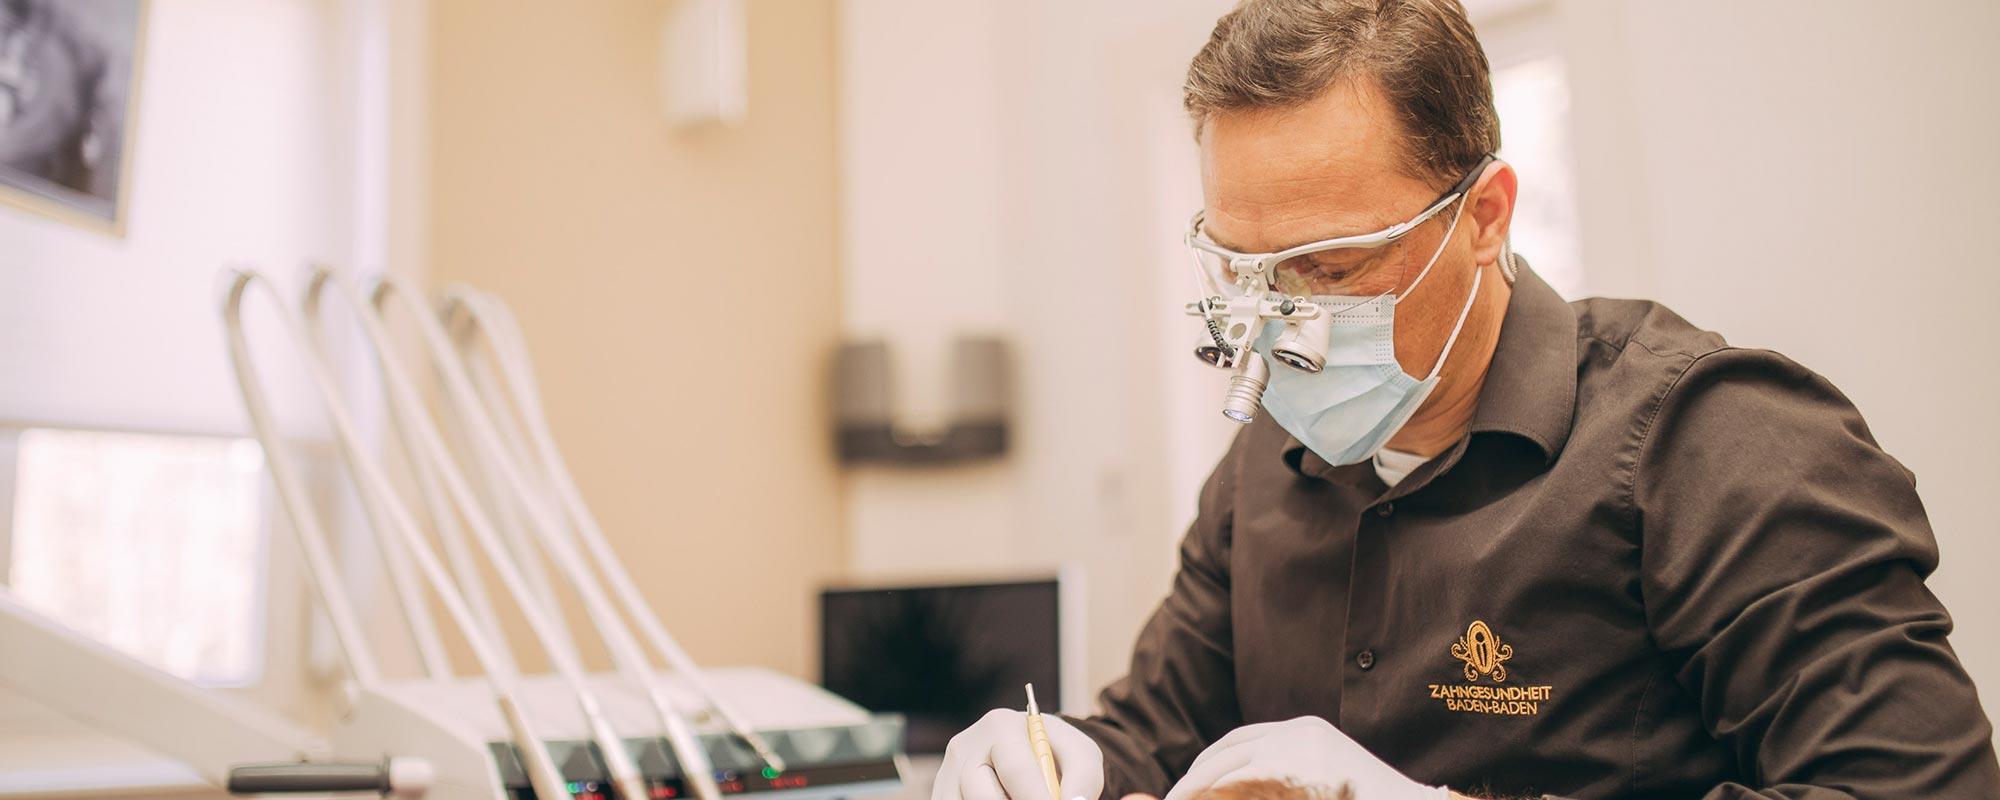 Dr. Torsten Kamm arbeitet mit Lupenbrille bei der Parodontosebehandlung in Baden-Baden.